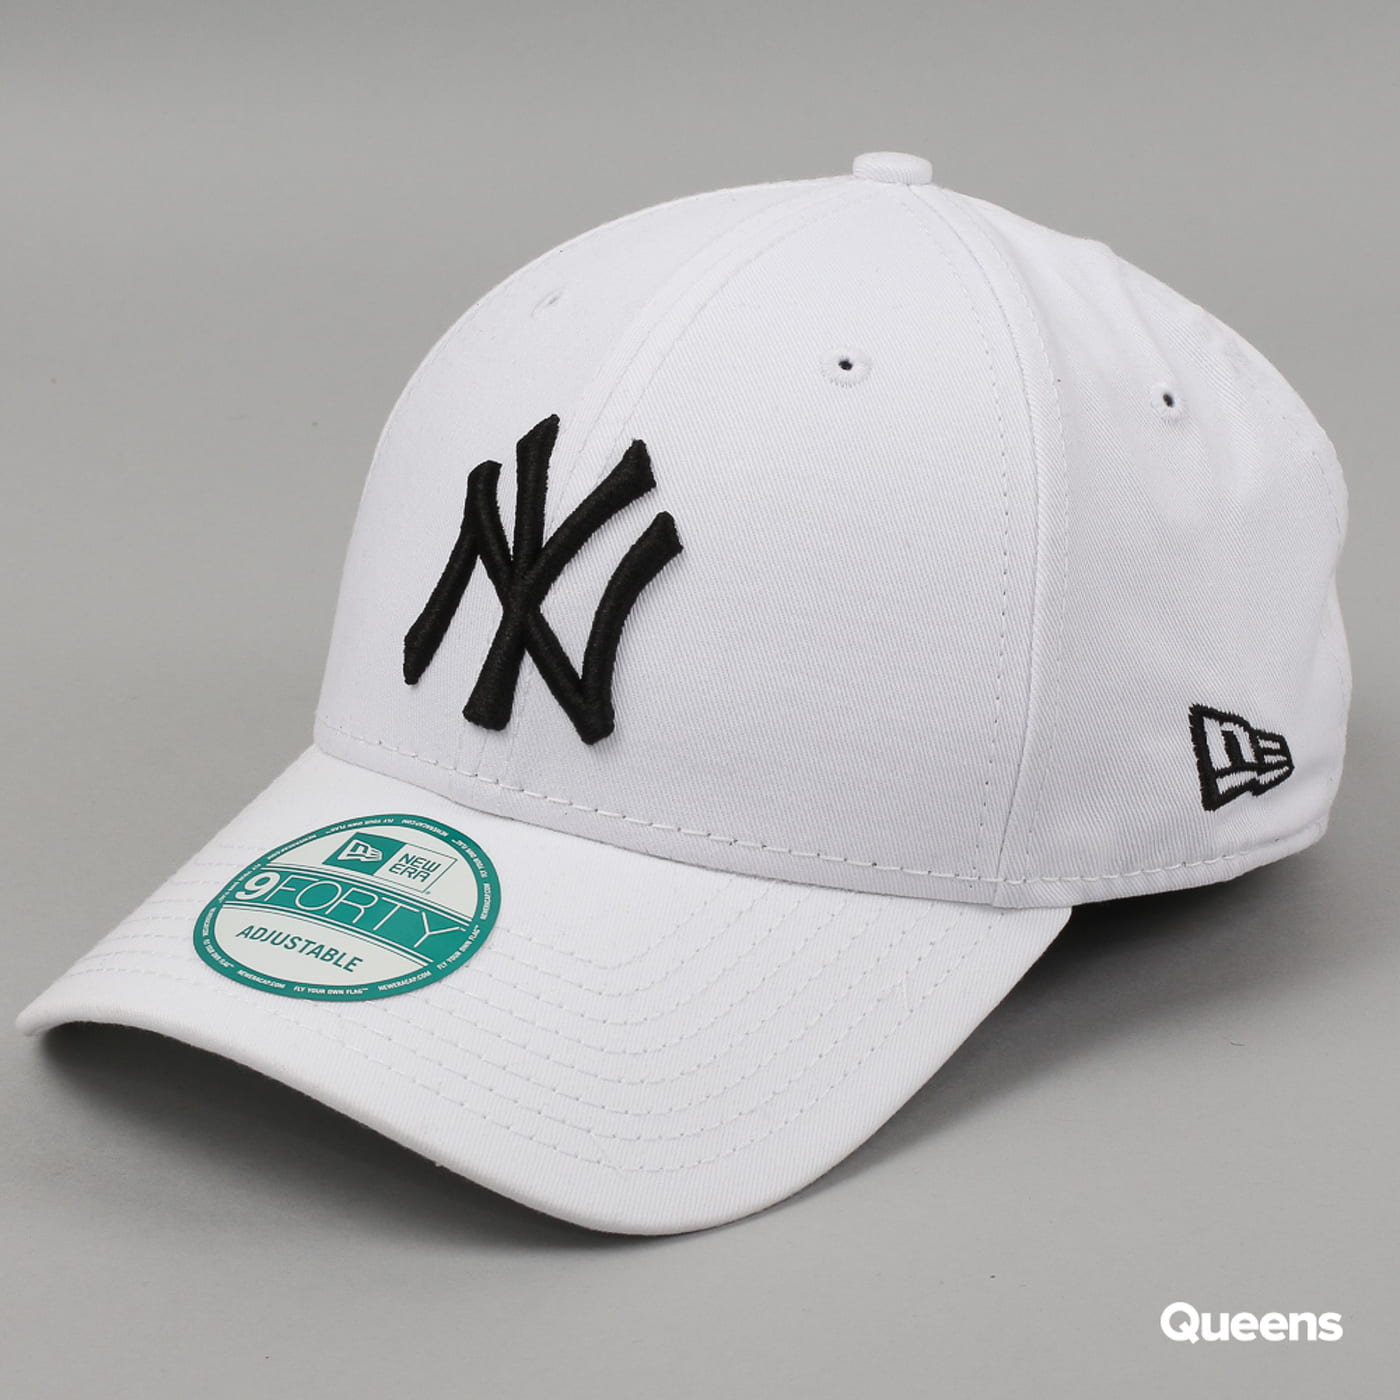 New Era 940 MLB League Basic NY C/O white / black